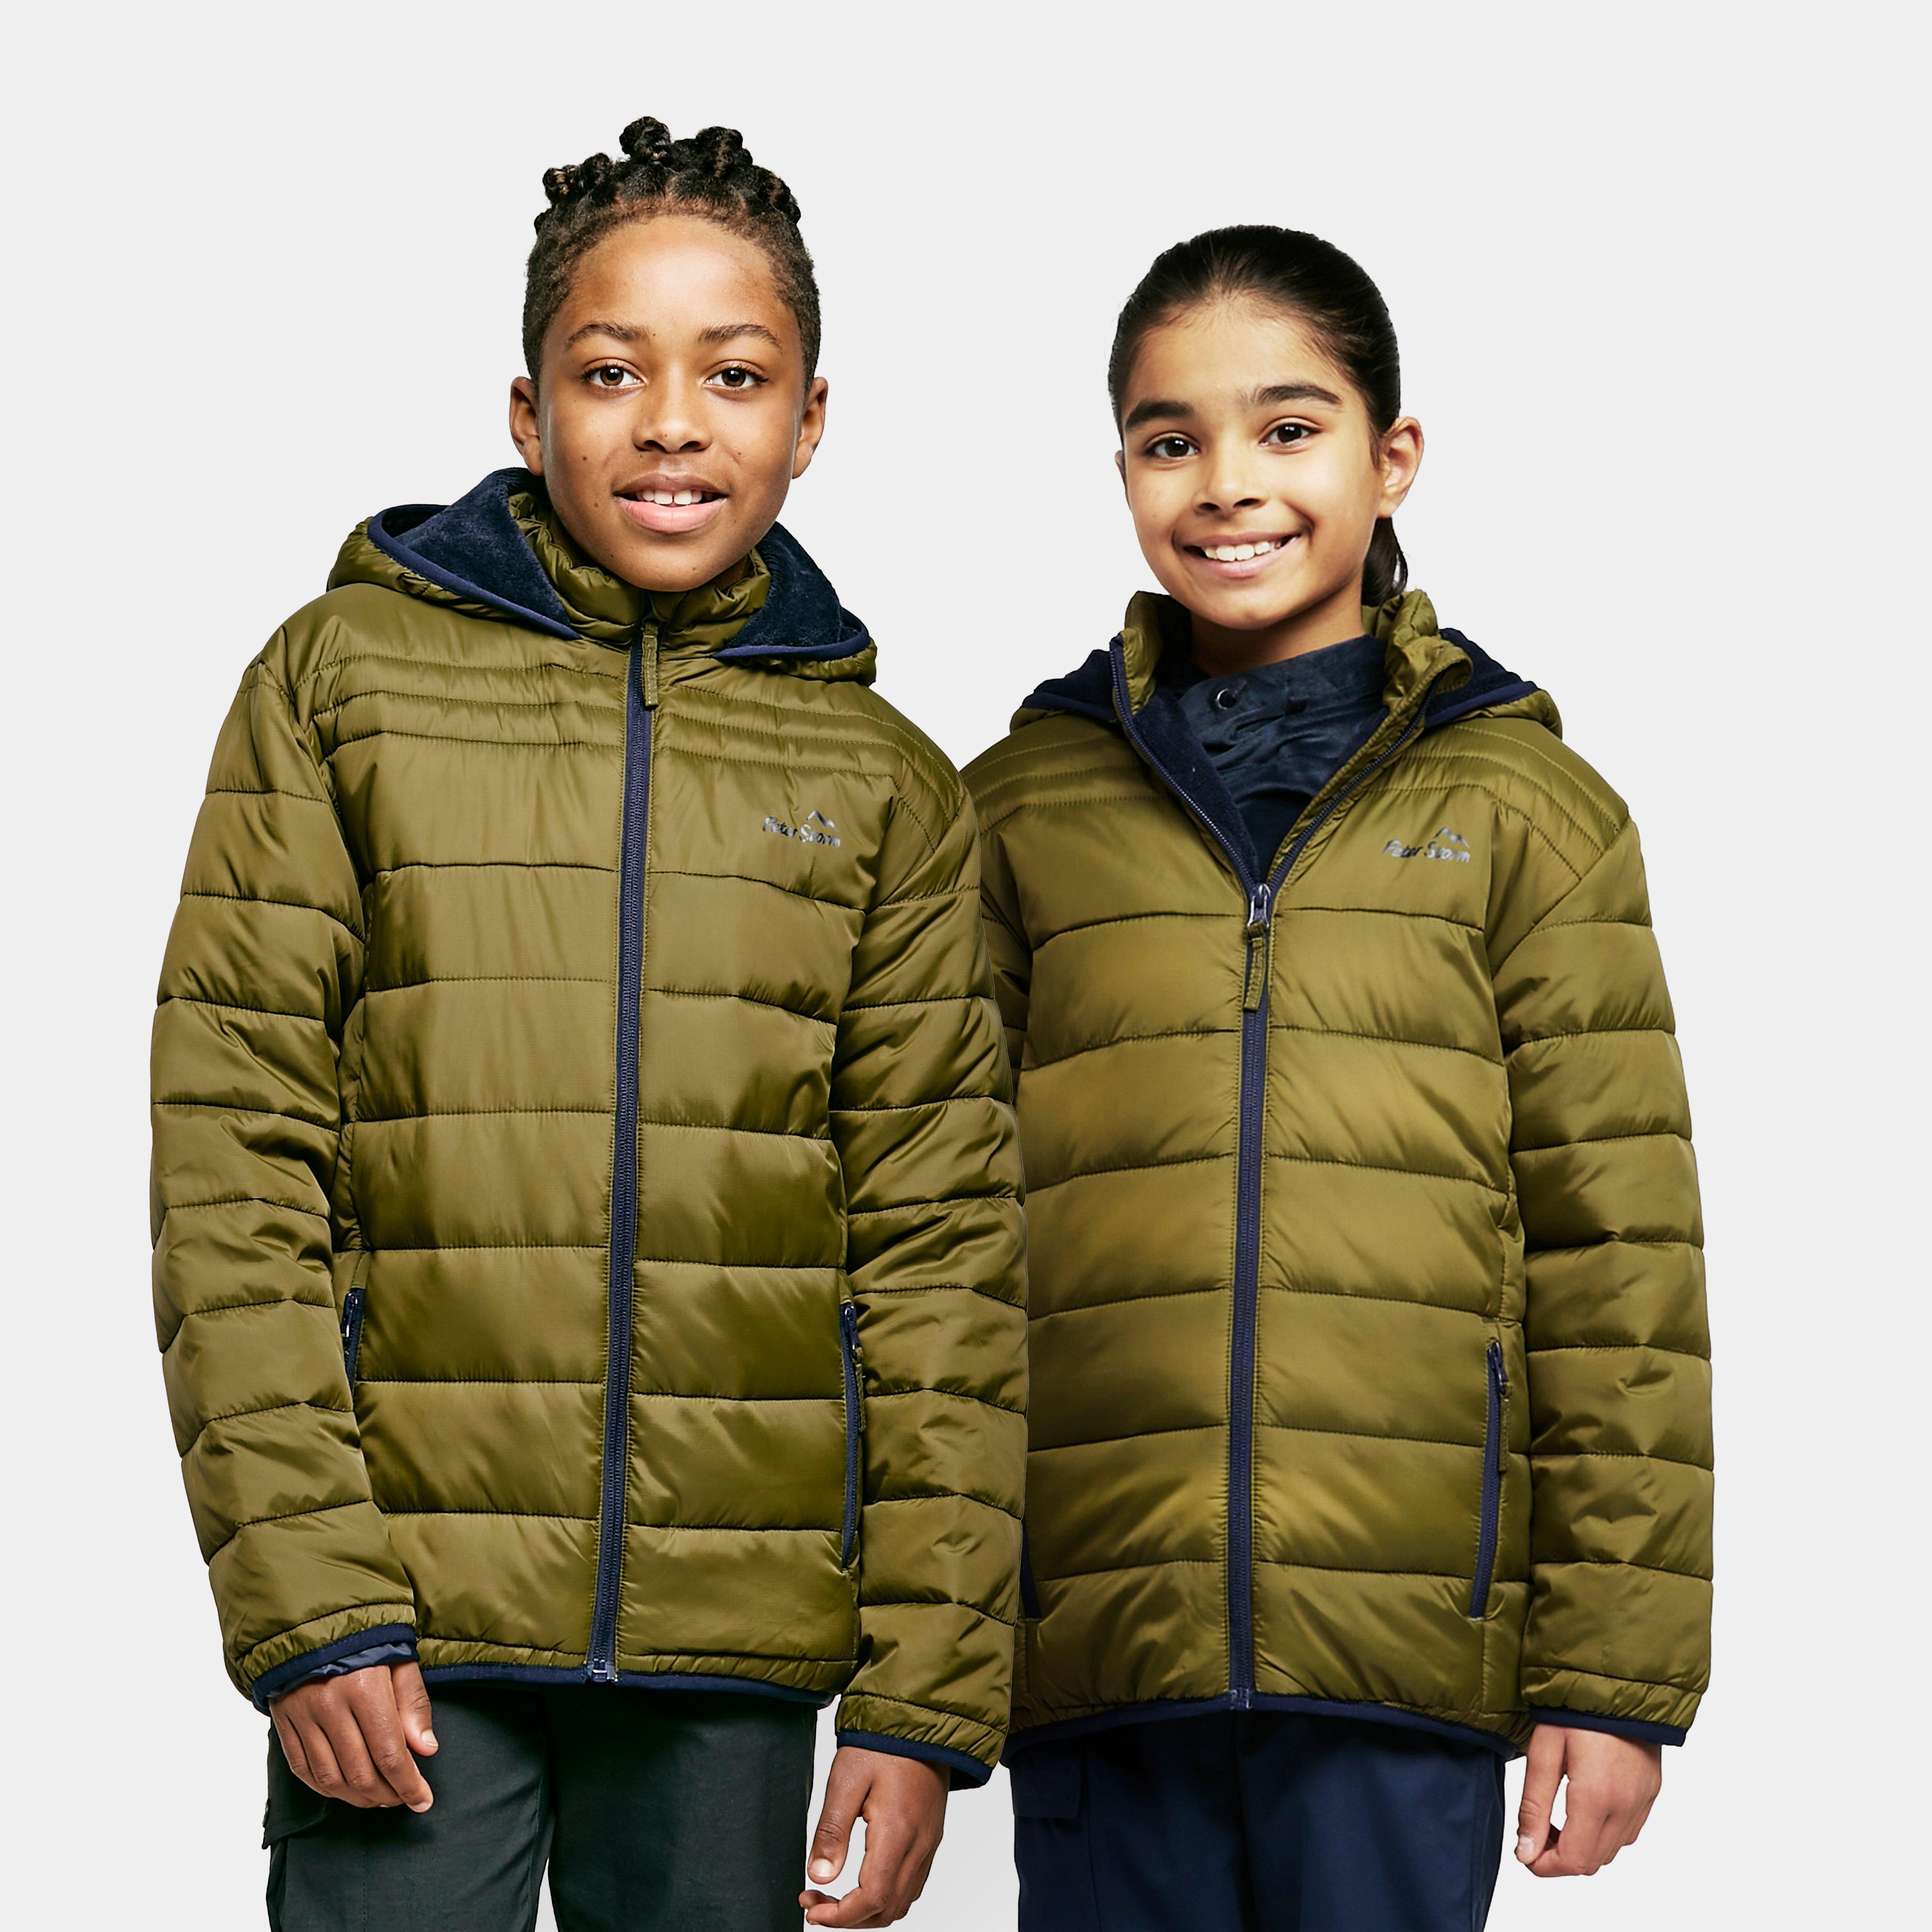 Peter Storm Kids' Walrus Jacket - Green/Green, Green